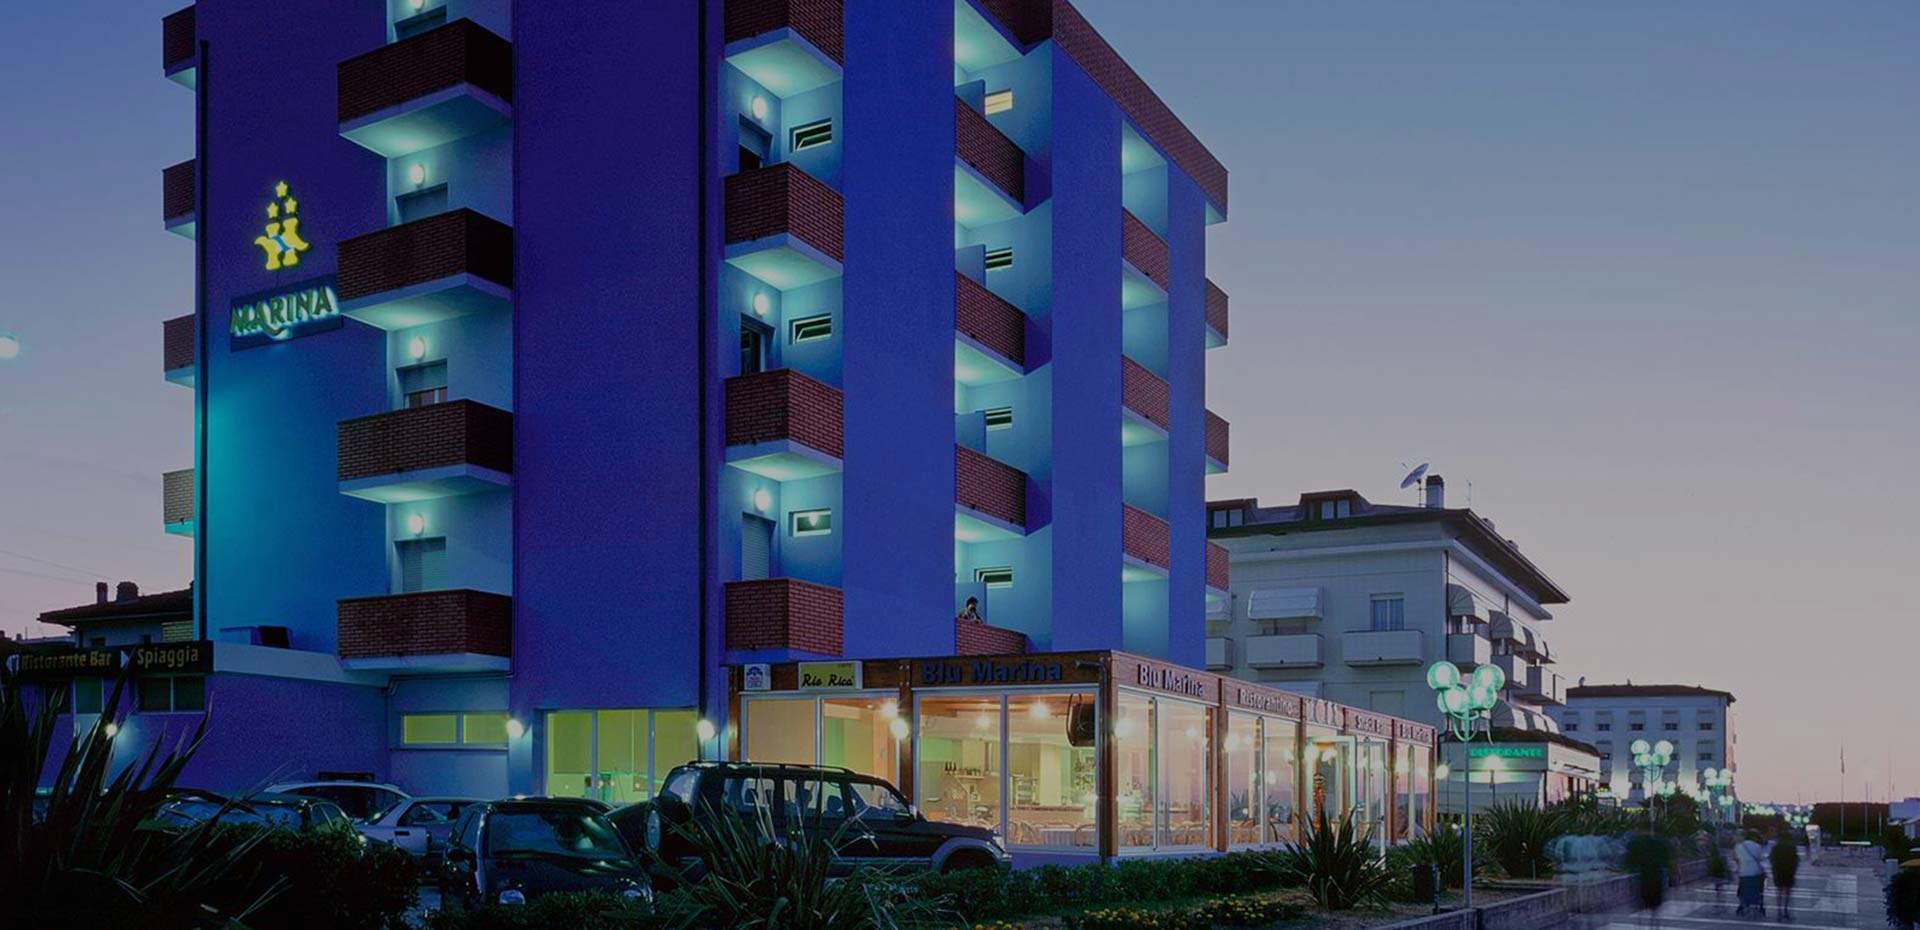 hotel-marina-home